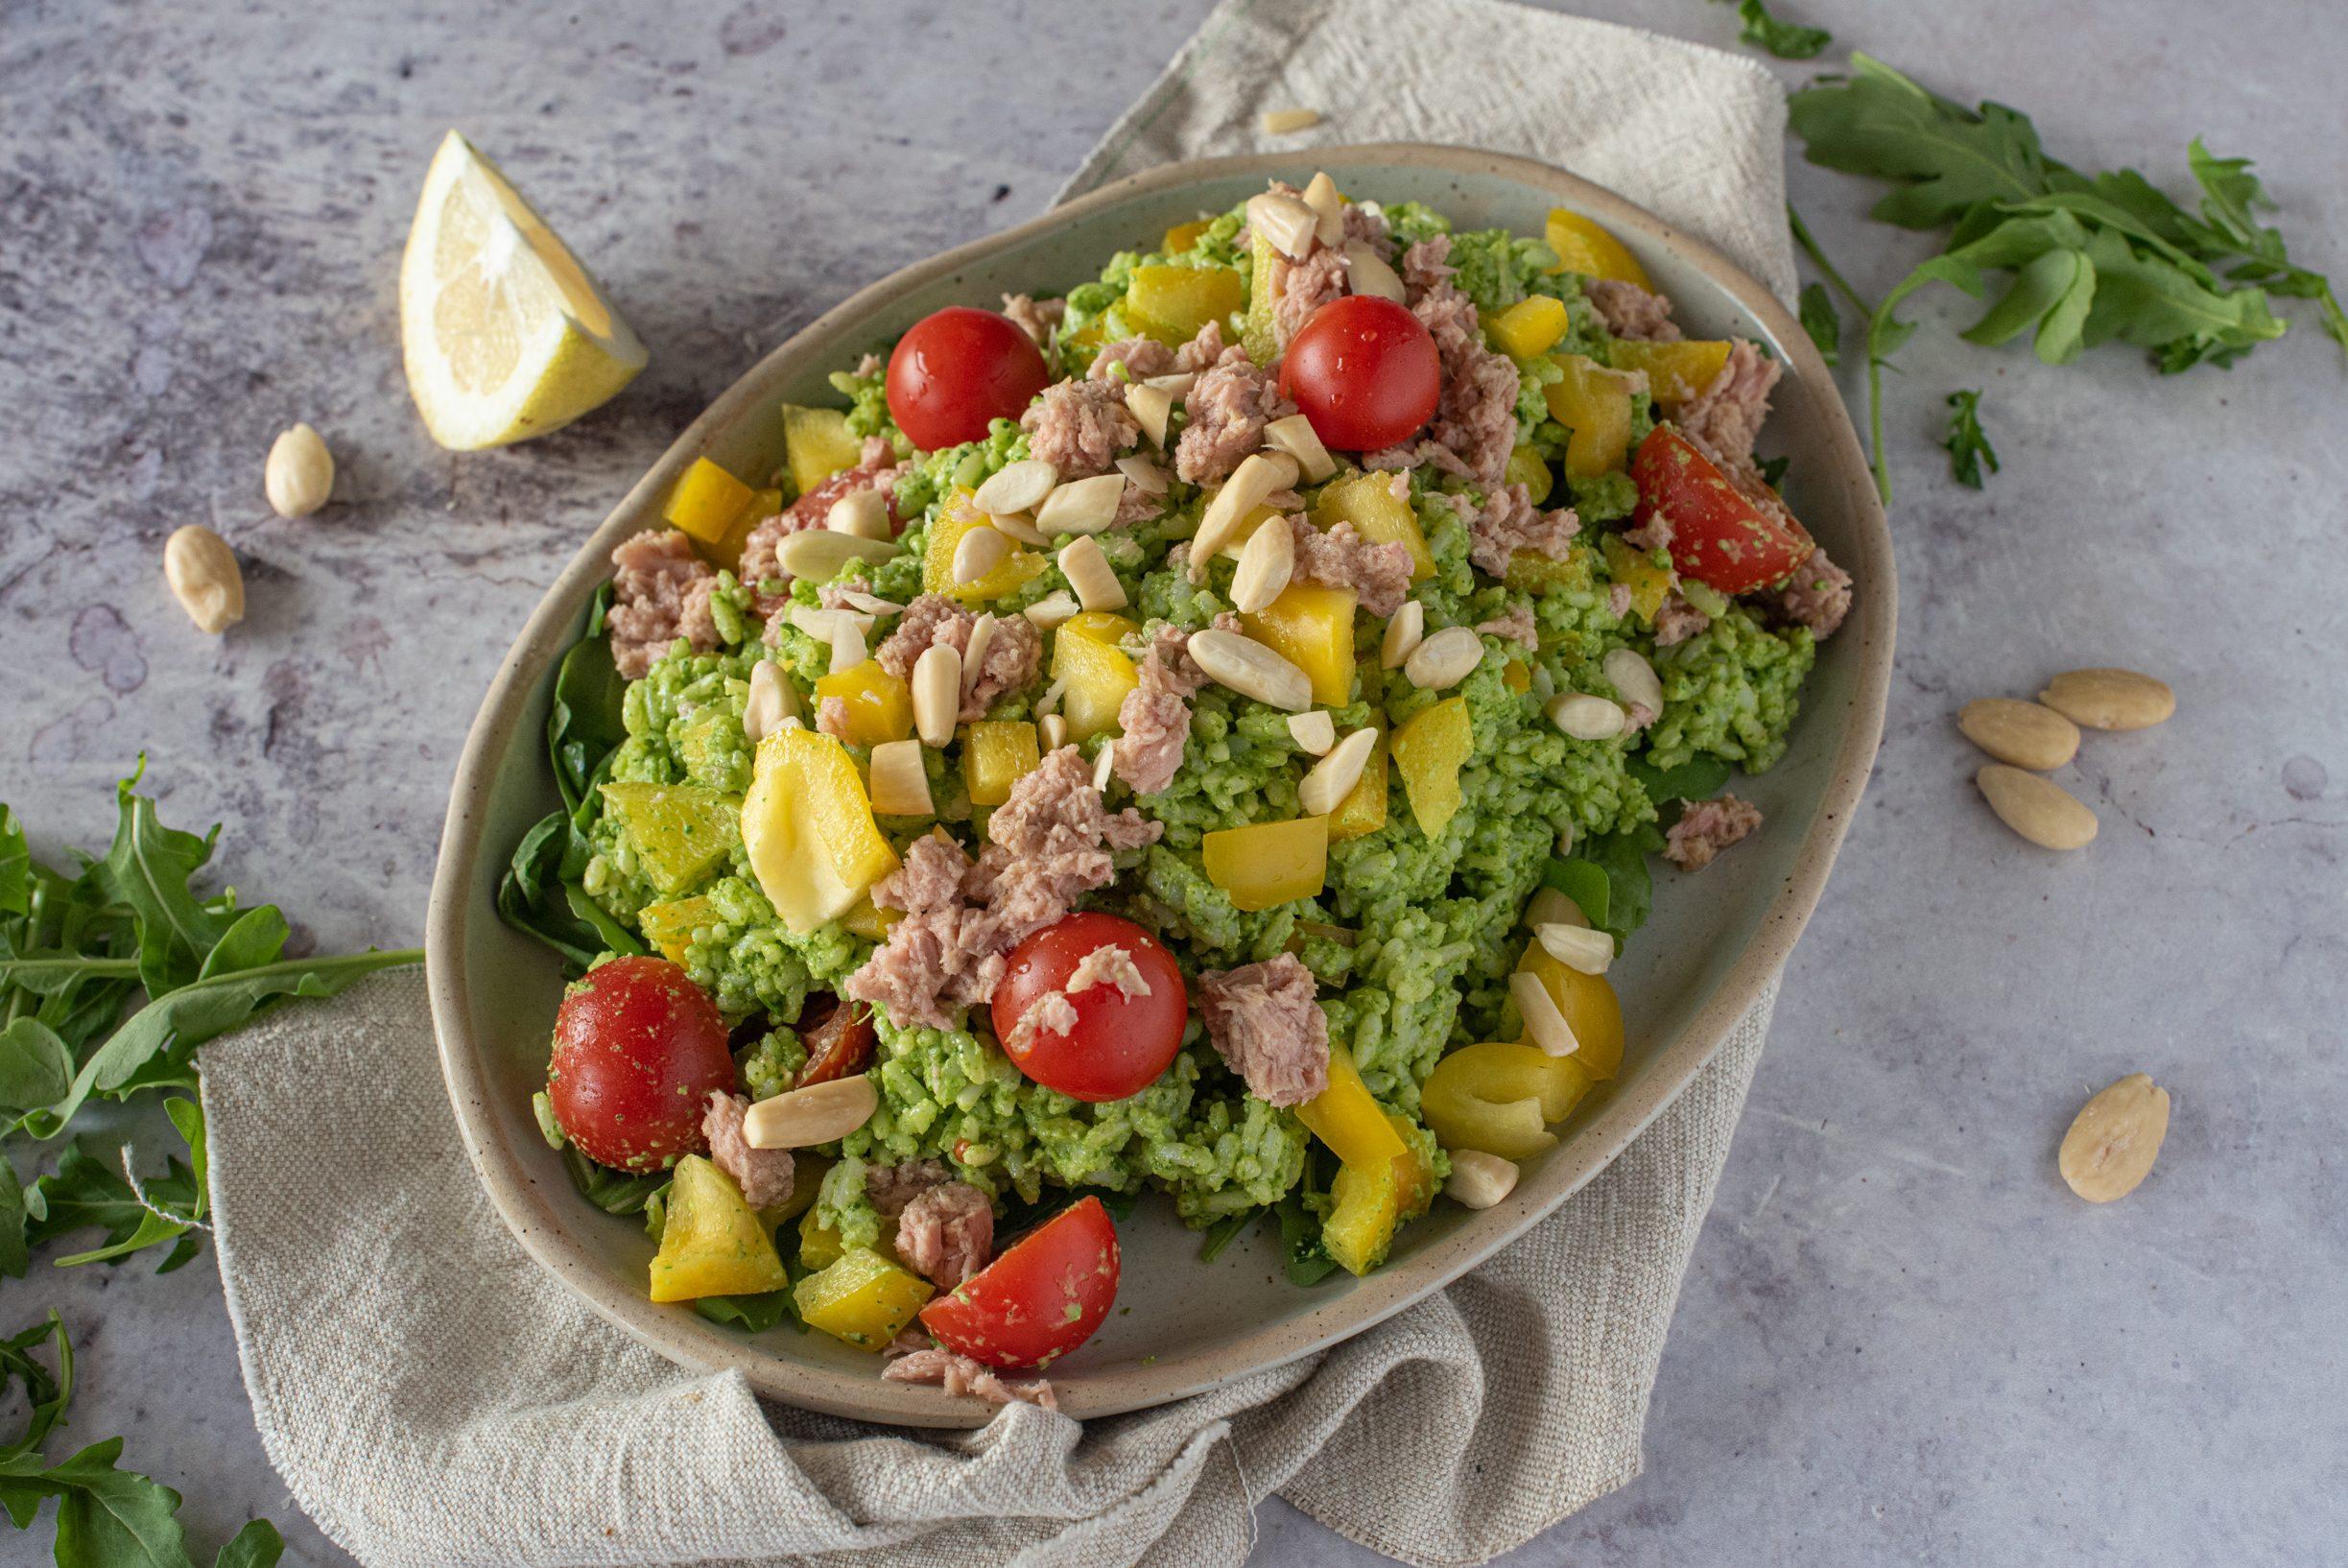 Riso freddo al pesto di rucola: la ricetta dell'insalata di riso gustosa e leggera